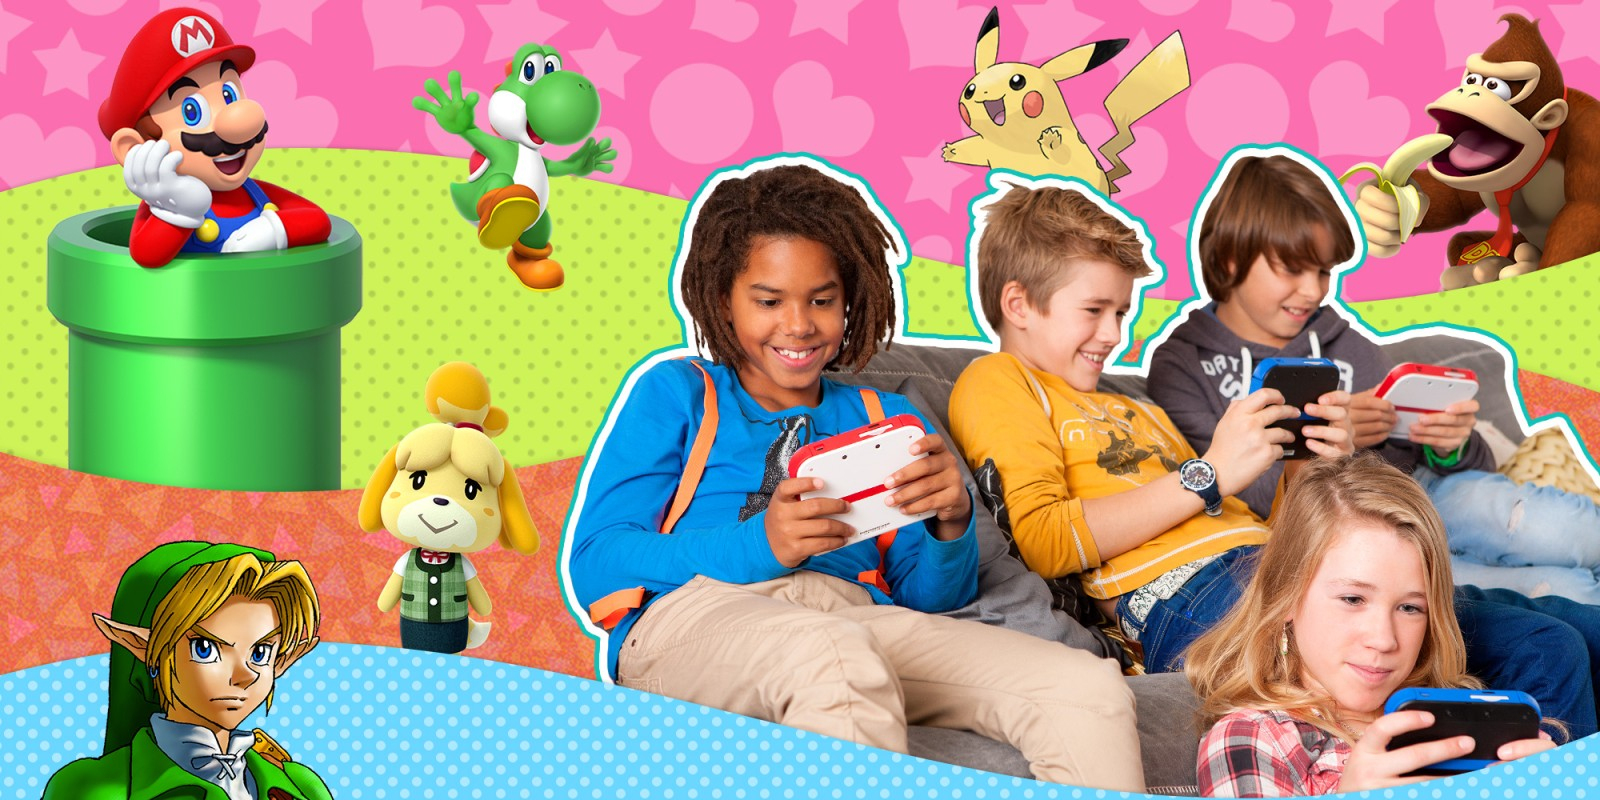 Jeux Nintendo Pour Les Enfants | Nintendo concernant Jeux 3 Ans En Ligne Gratuit